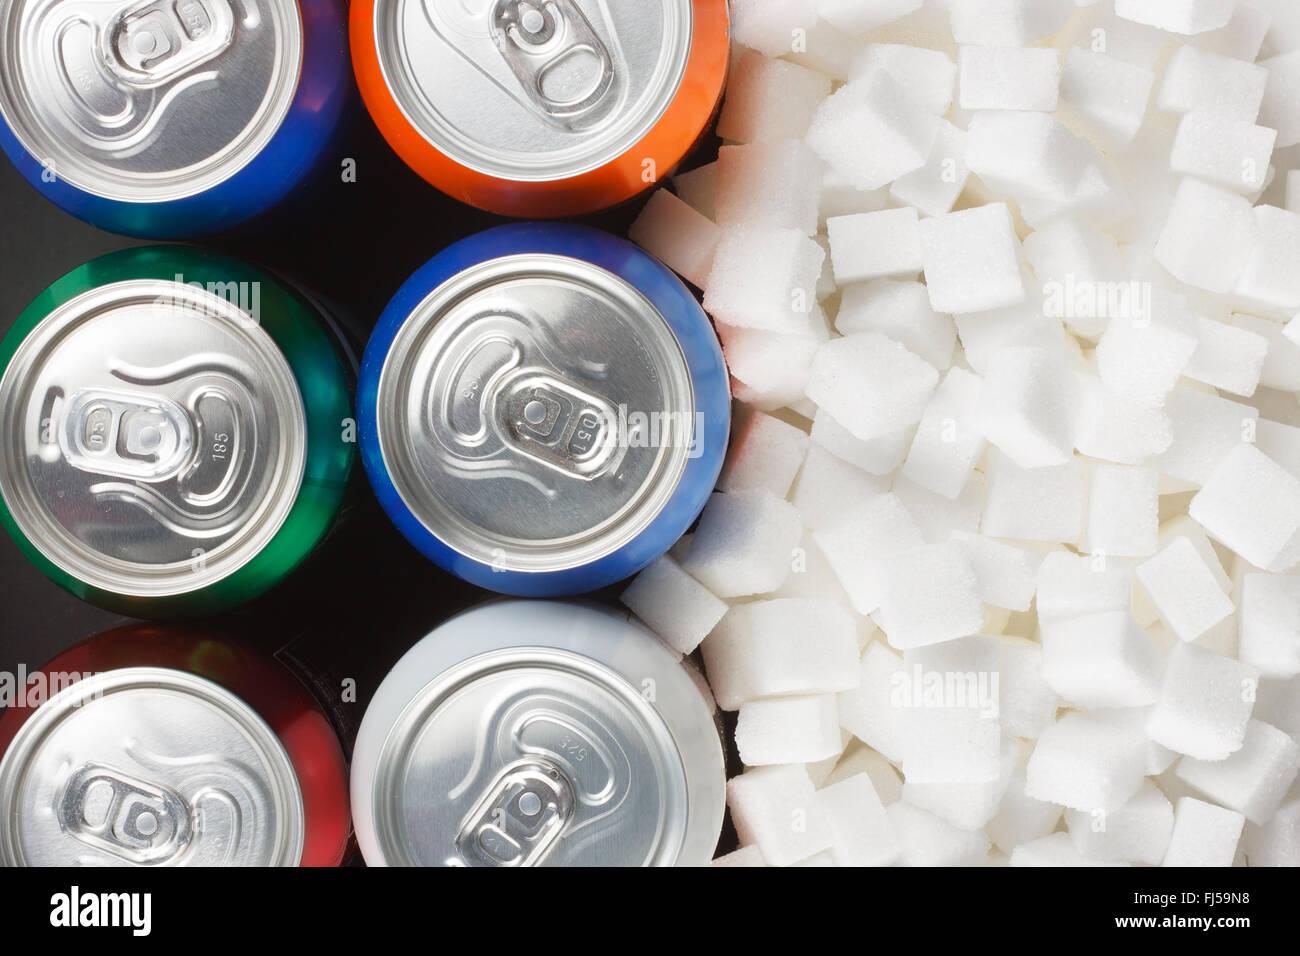 Cibo malsano concetto - Zucchero in bevande gassate. Zollette di zucchero come sfondo e conserve di bere Immagini Stock